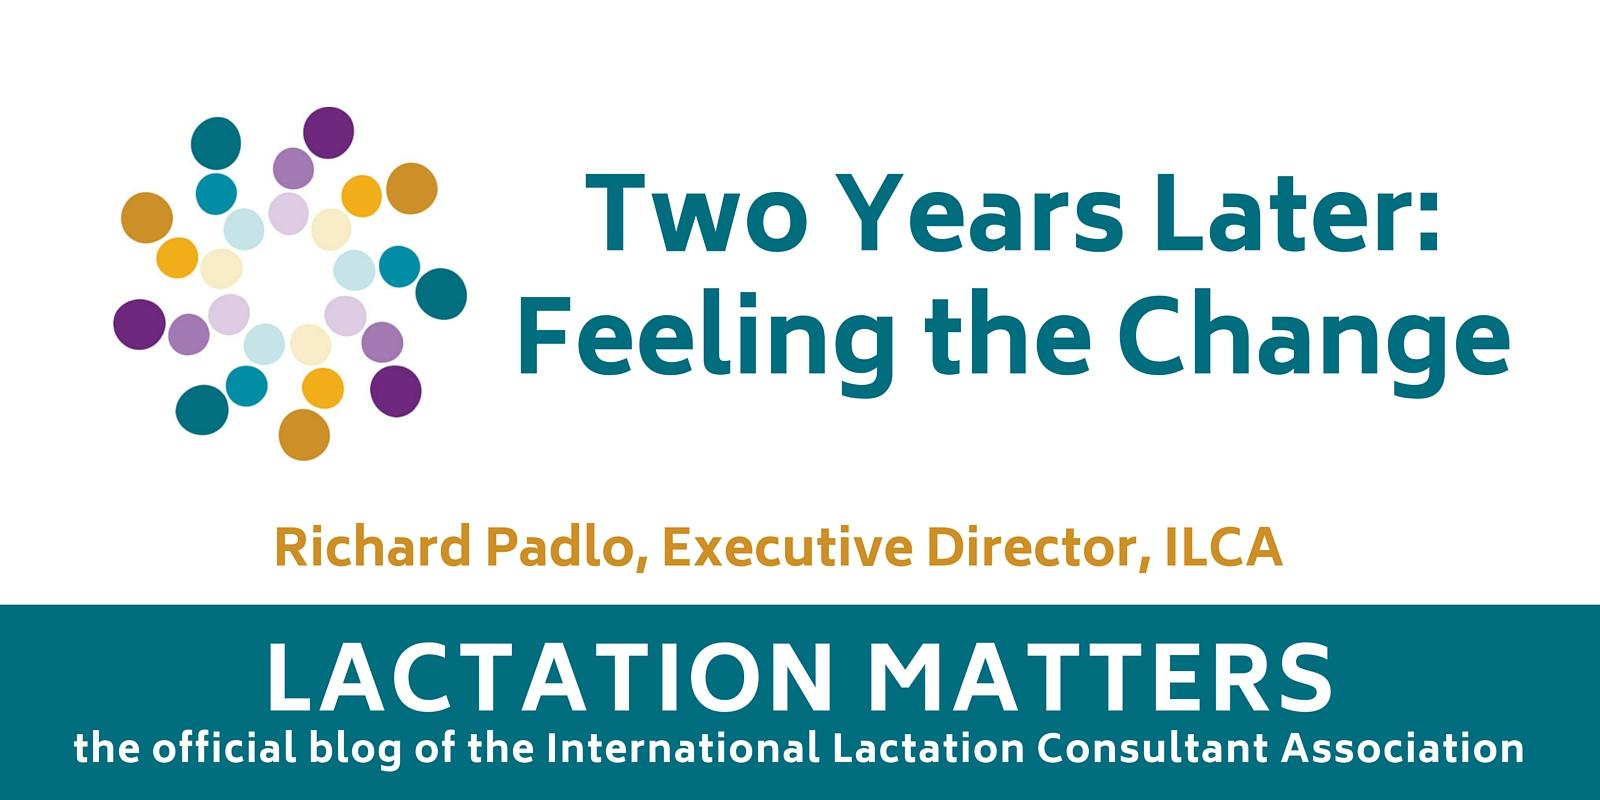 Lactation Matters Post Titles (6)